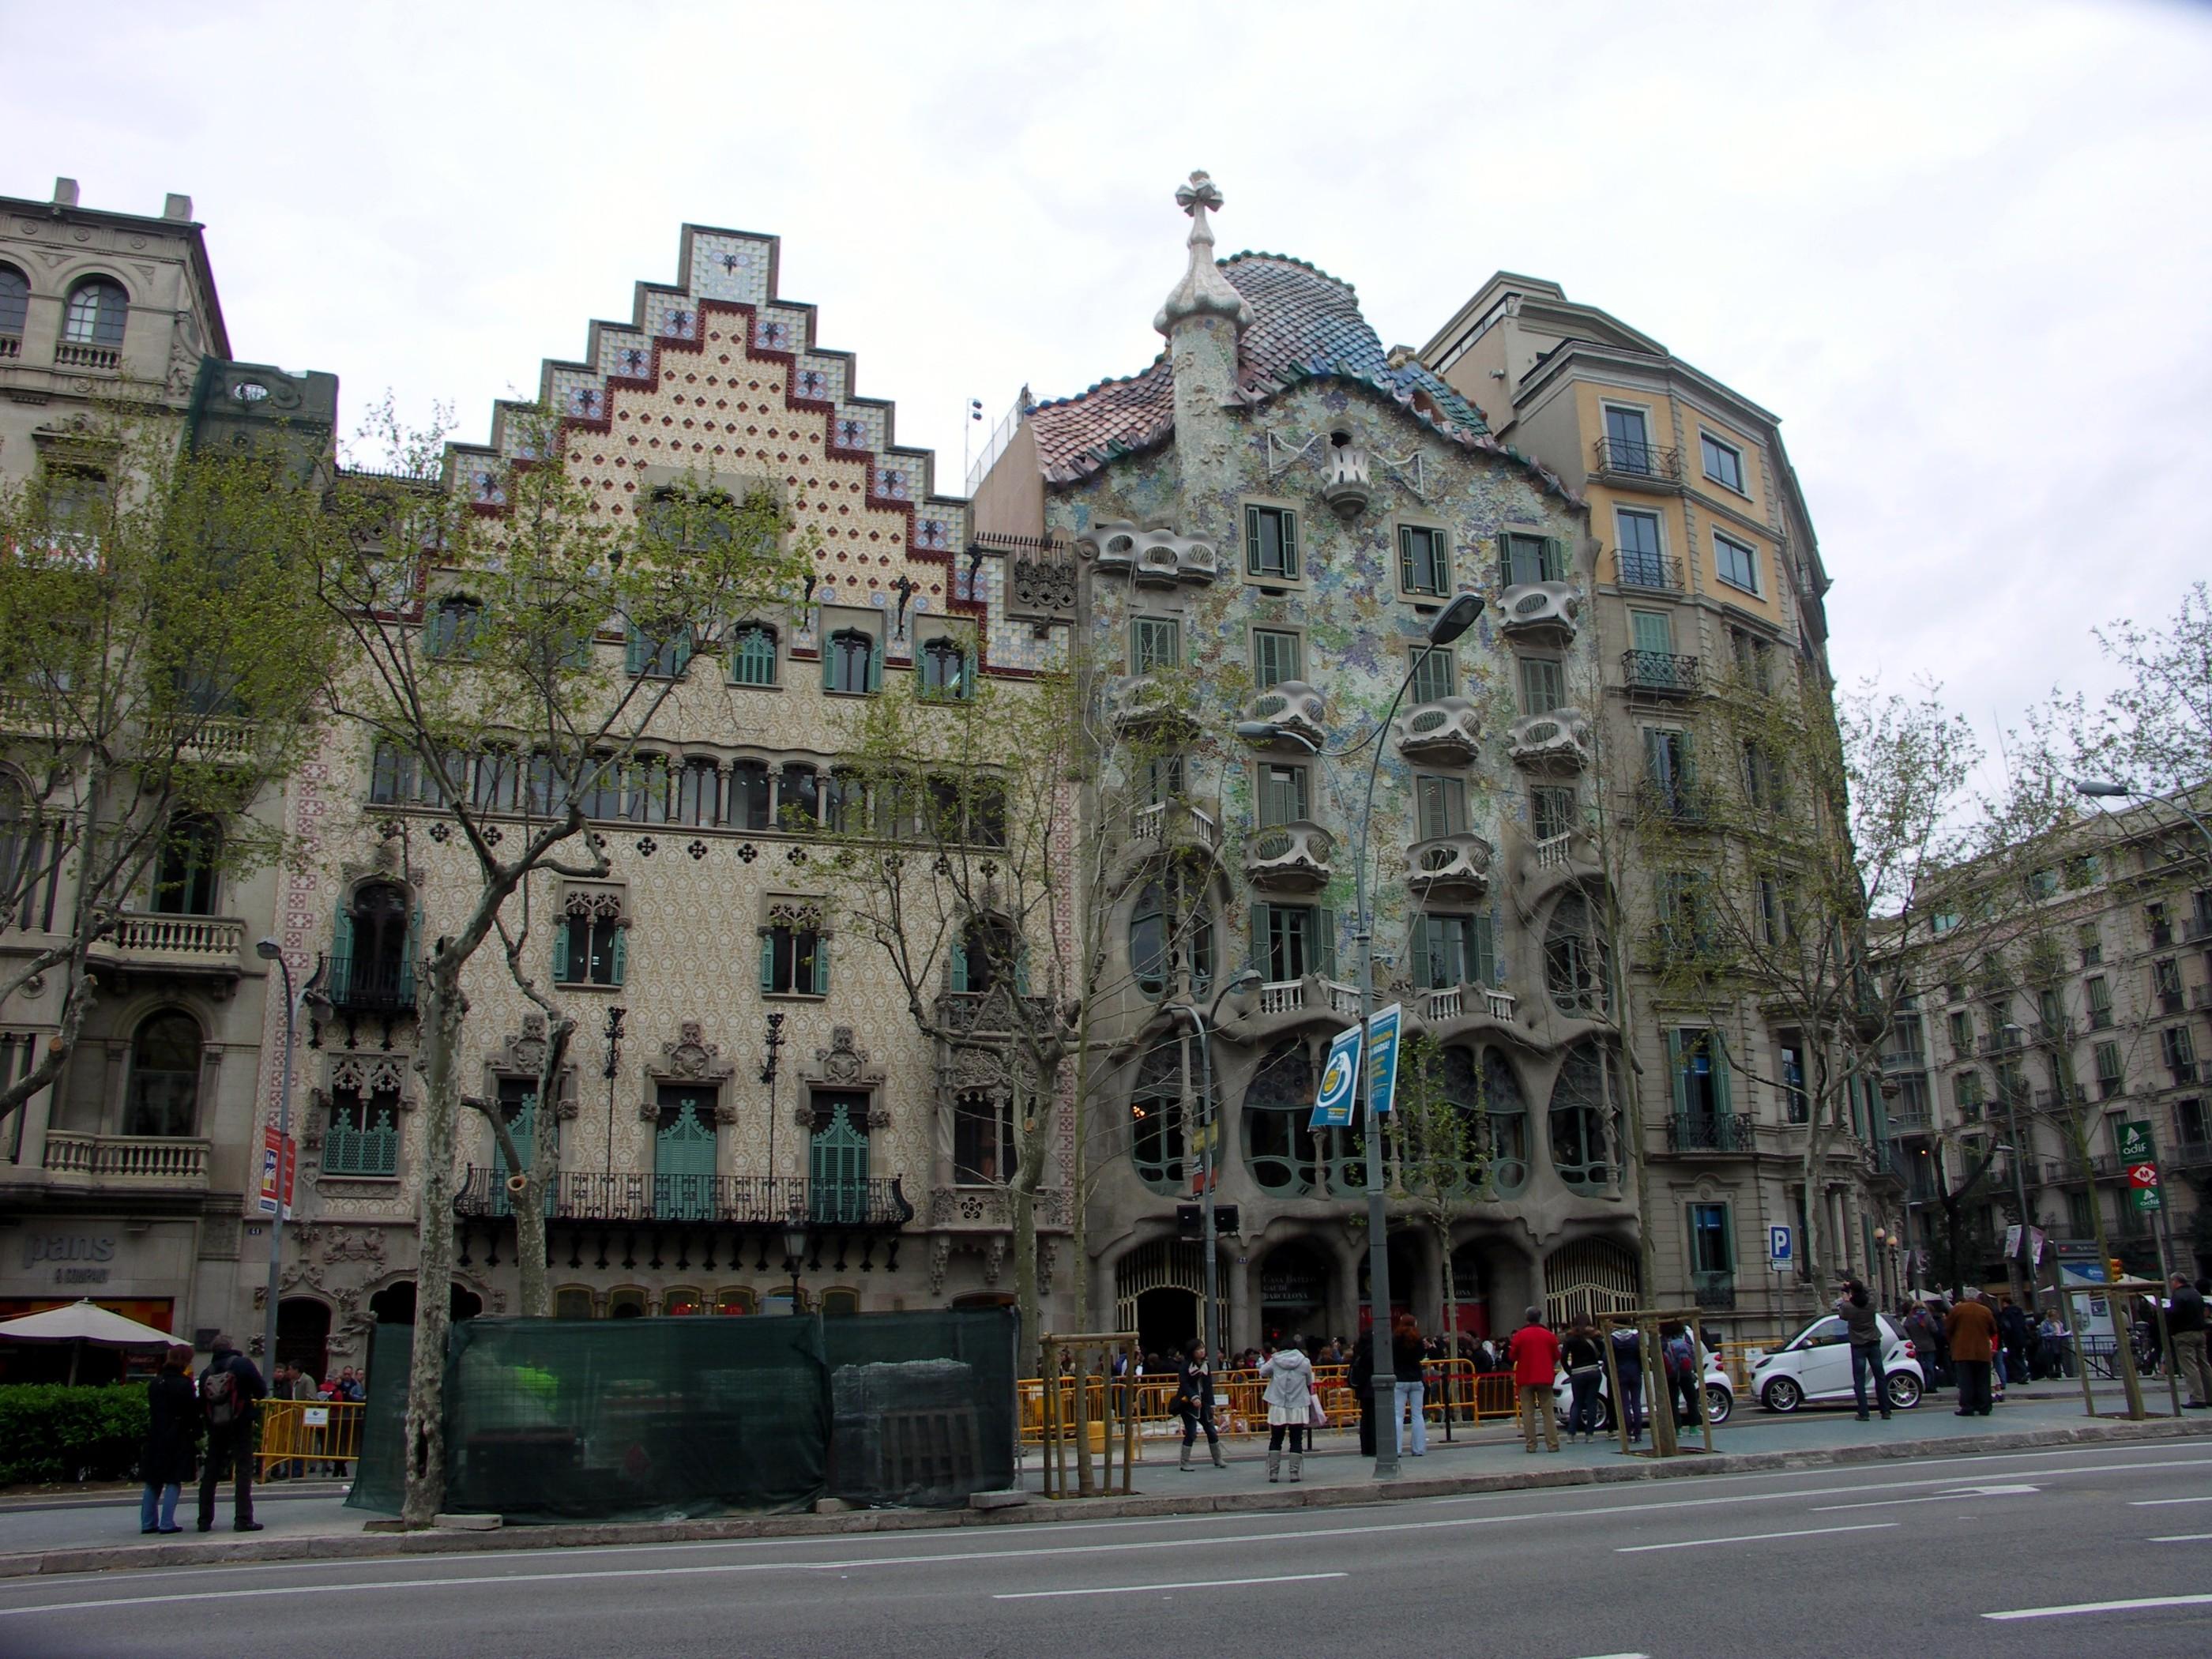 gebouw van gaudi barcelona wallpaper   ForWallpapercom 2800x2100